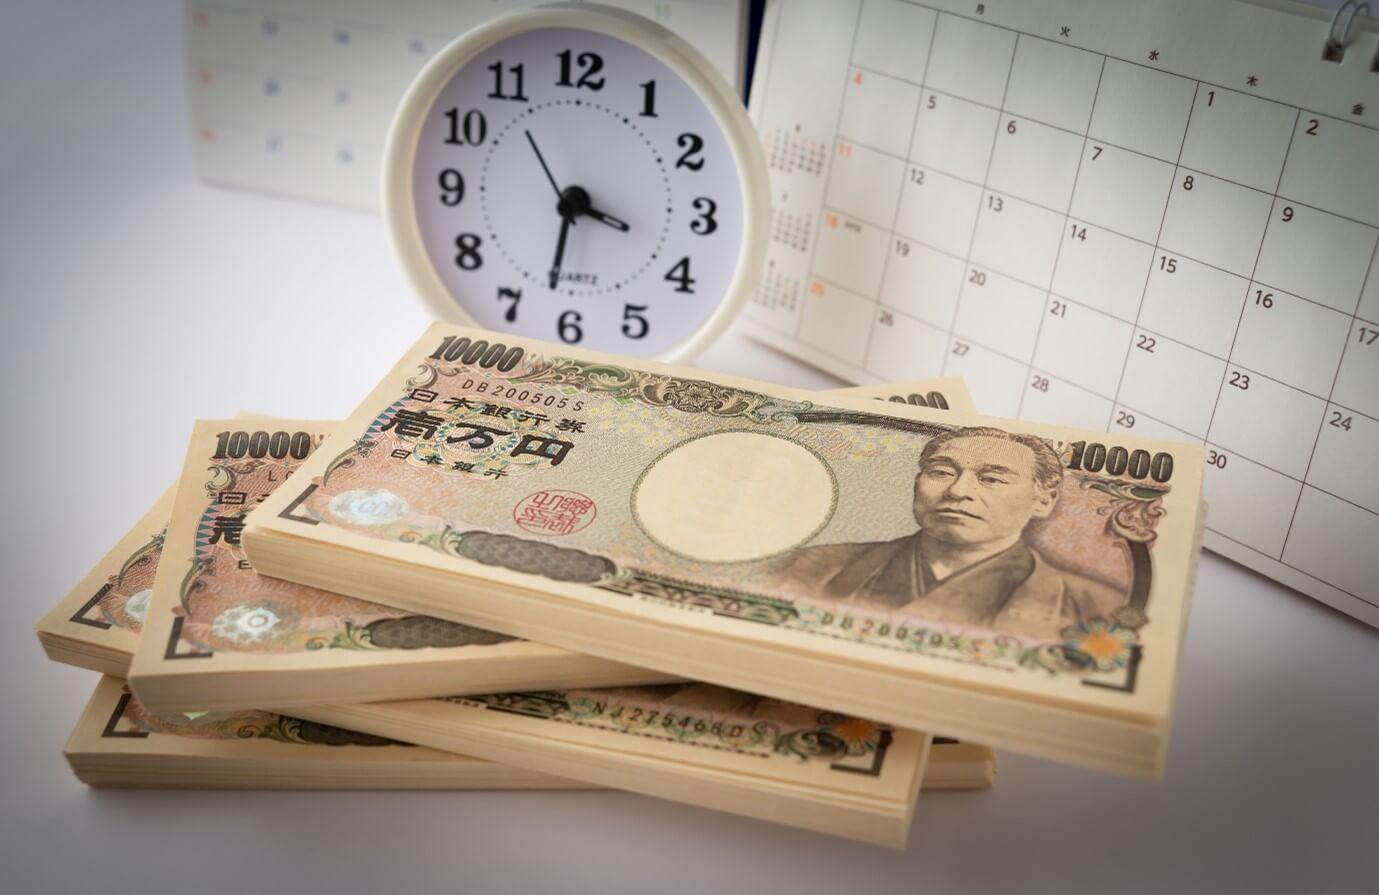 債権債務管理とは?管理の課題や効率的な管理方法なども解説